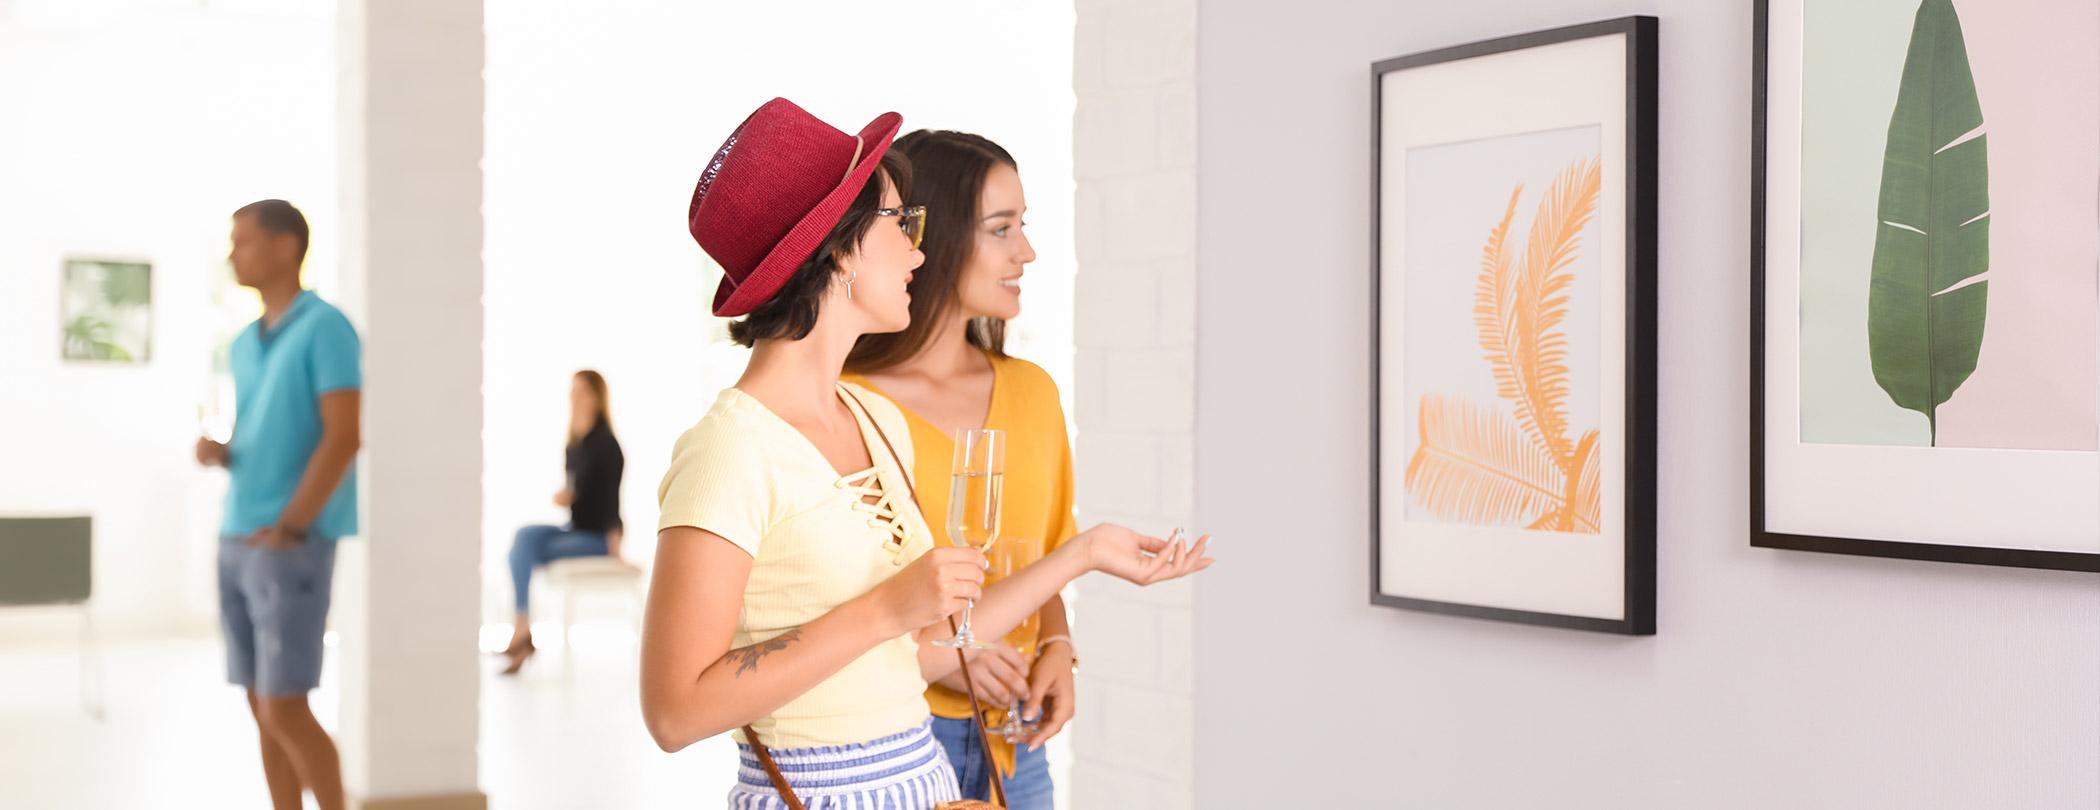 Sanat etkinlikleri, modern sanat benden sorulur mu diyorsun? Sanata dair her şeyi öğrenmek ve bildiklerimi aktarmak istiyorum diyorsan Kültür Sanat etiketi tam da bunun için var!